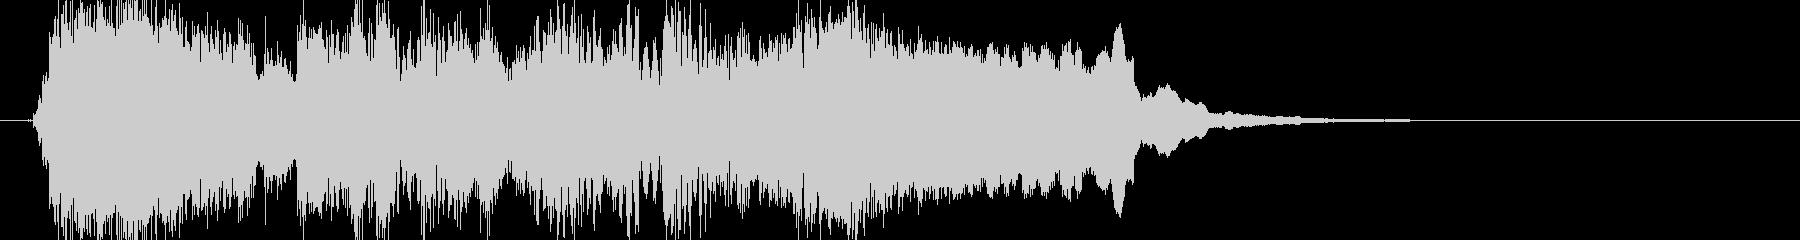 ブルース調 ジングル ゲームオーバーの未再生の波形